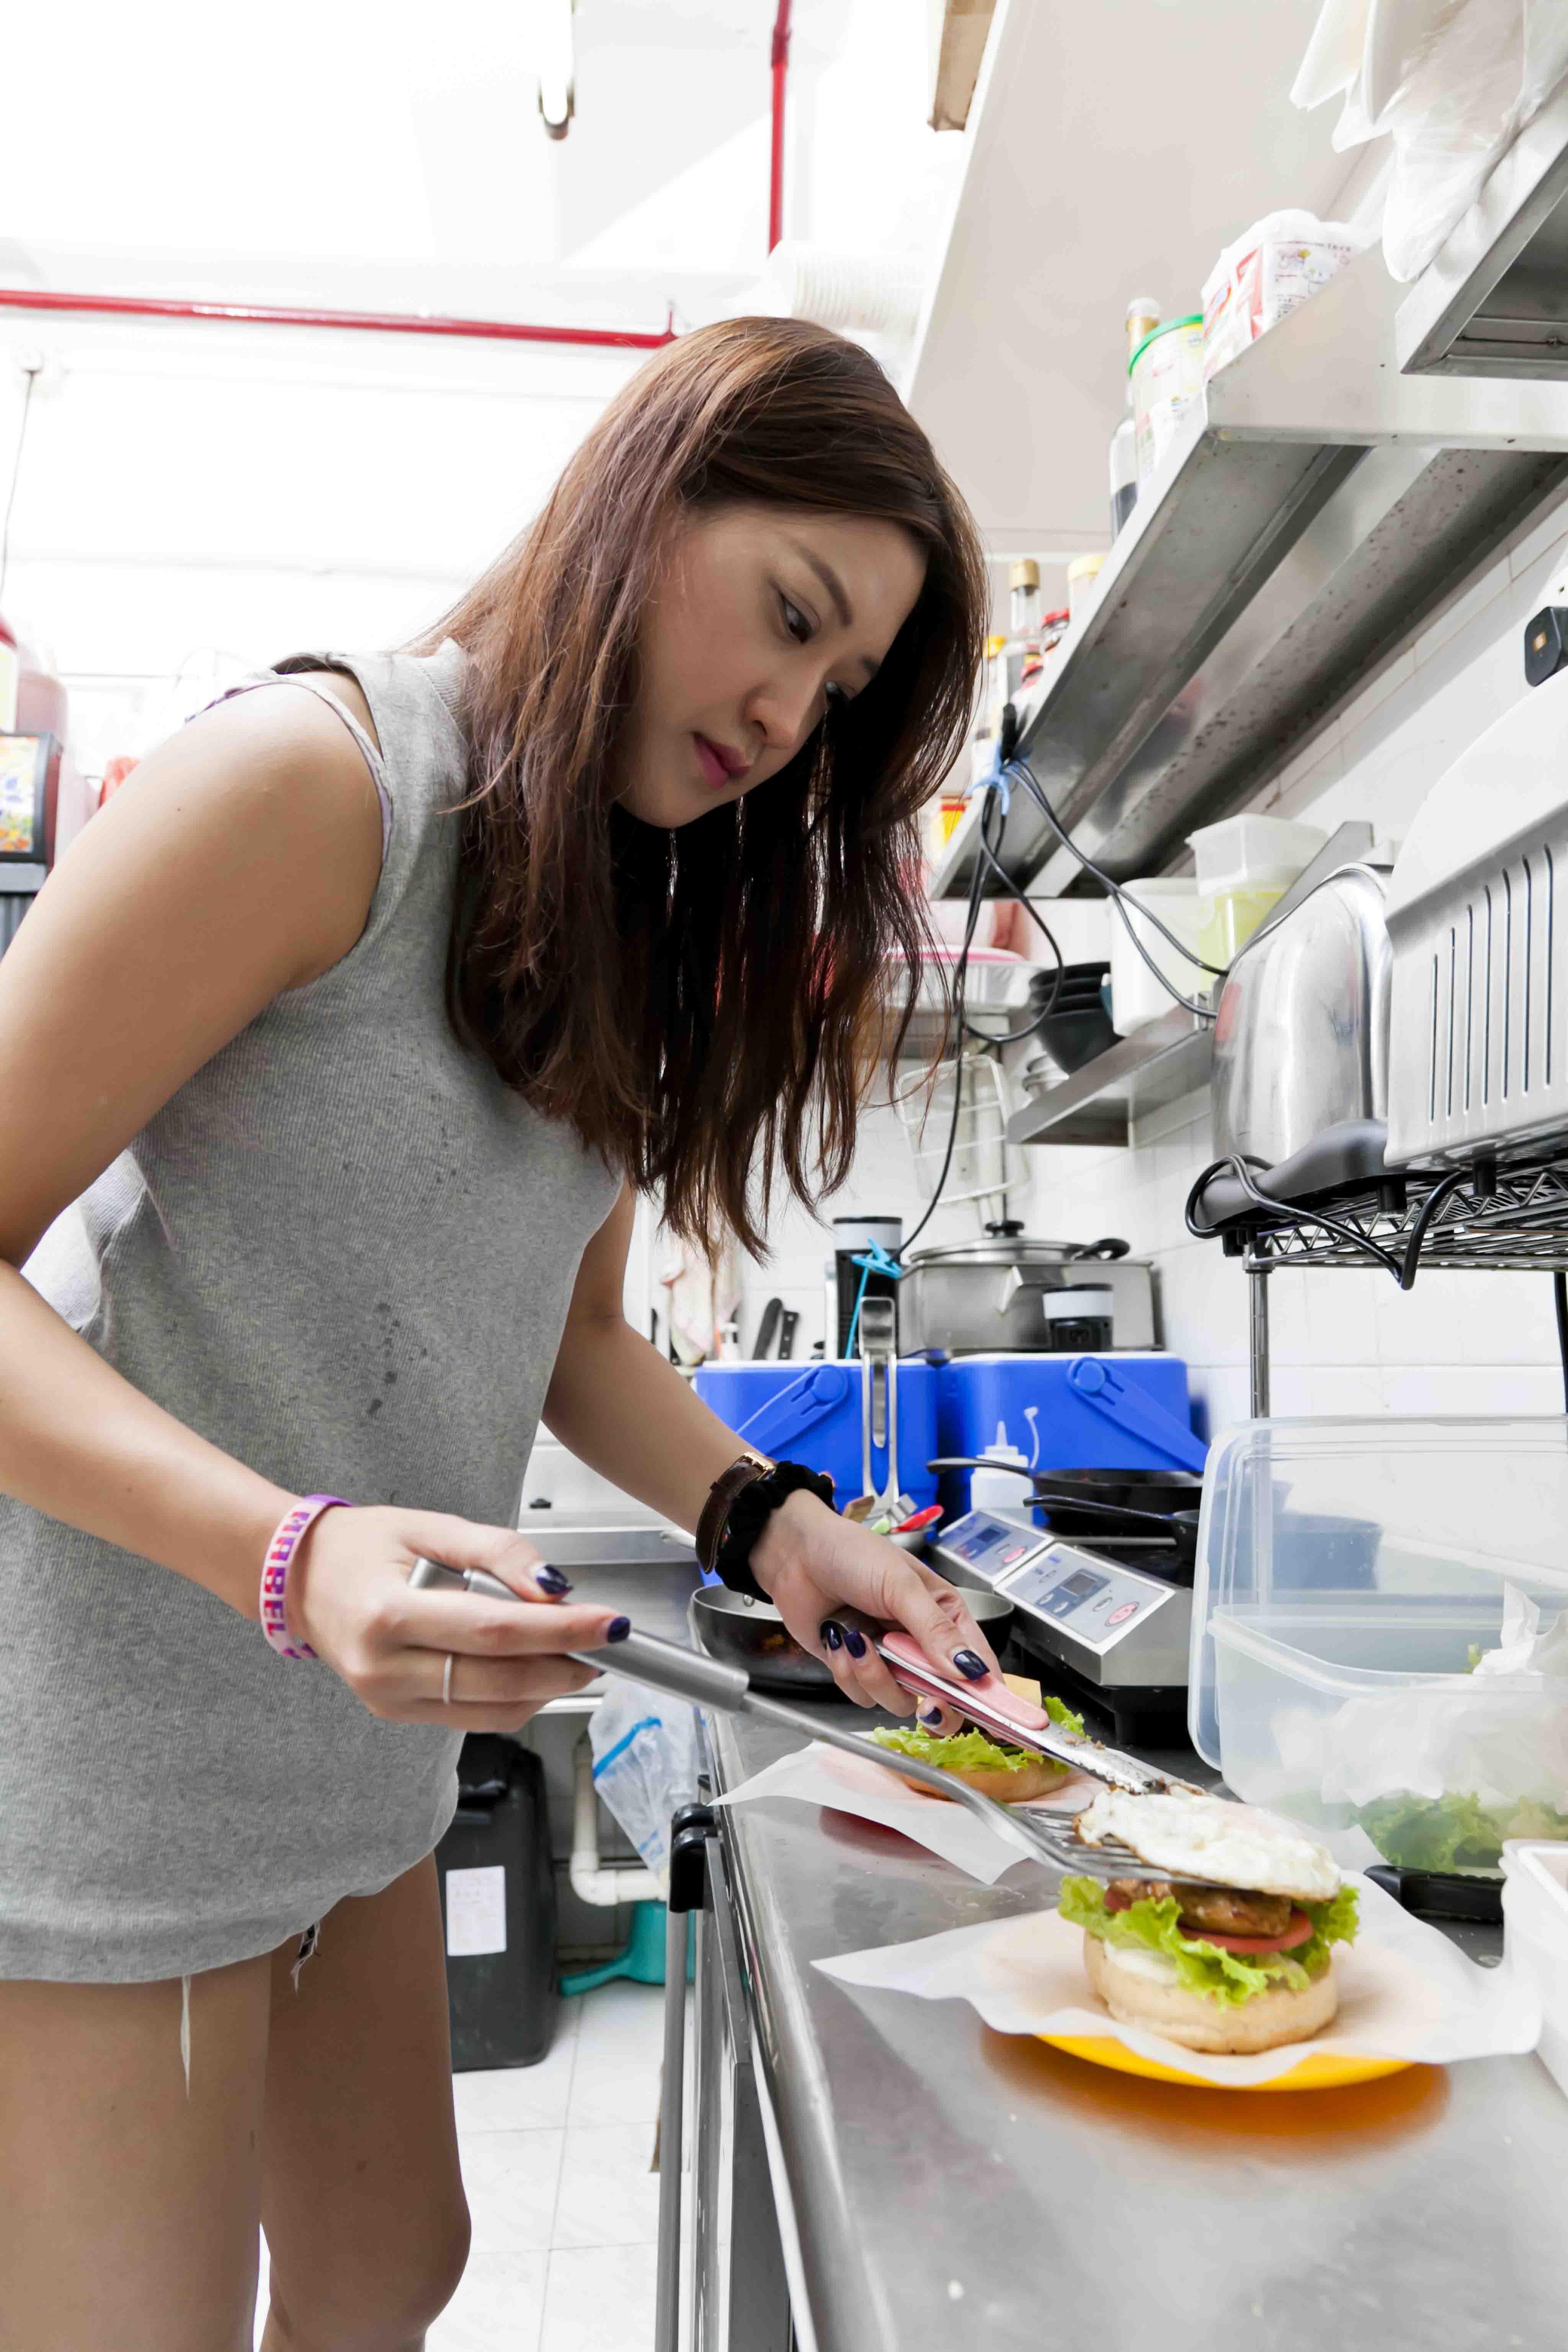 Mabel嘉寶小食負責人店主的妹妹,打理店內事務,對製作亦瞭如指掌。